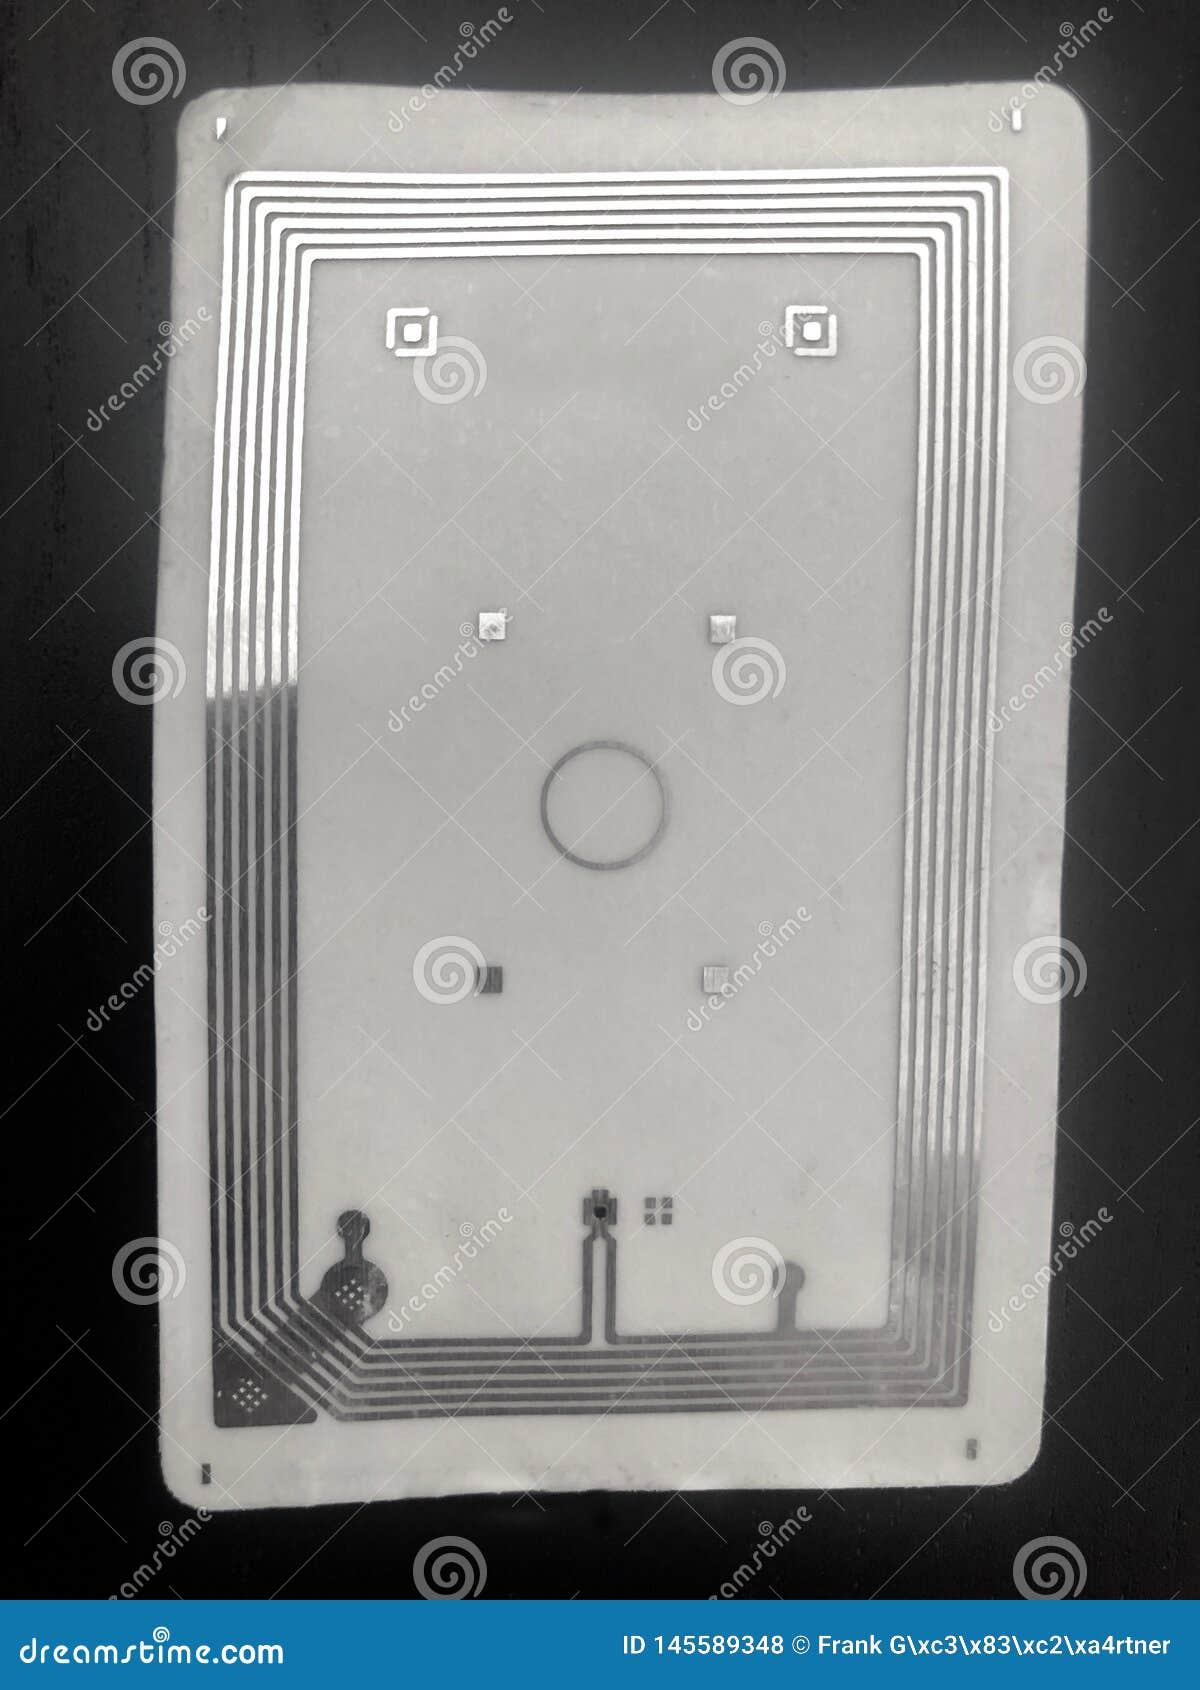 Circuito e antena do close up dentro do cartão do RFID